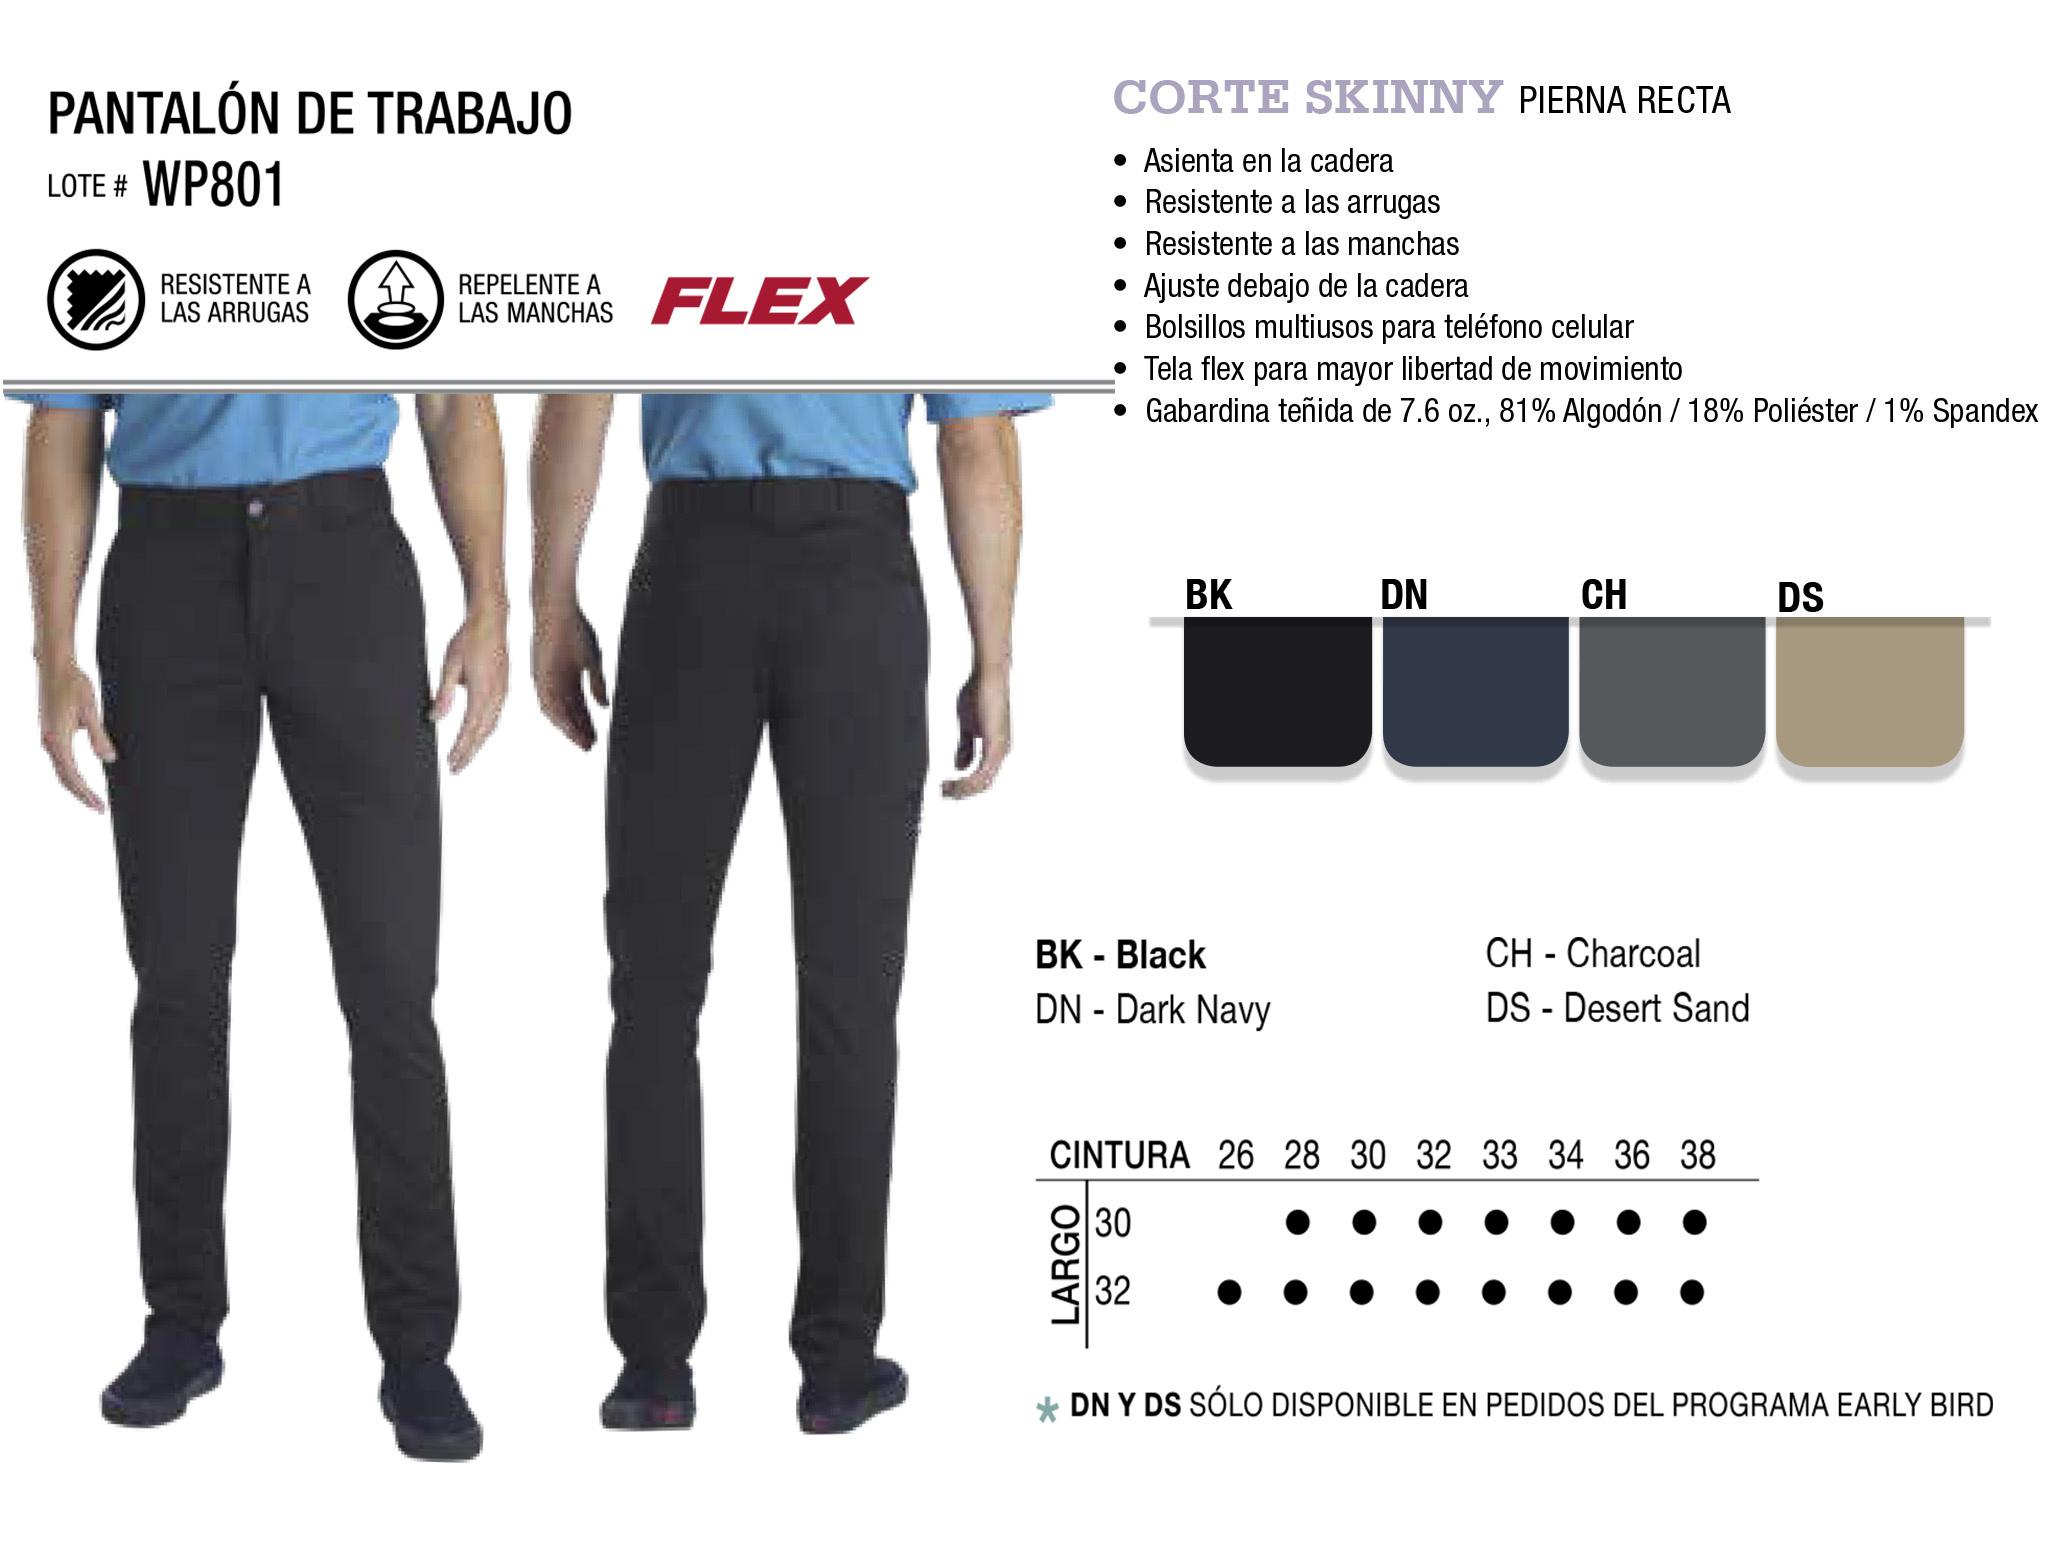 Pantalón de Trabajo.  Corte Skinny. WP801.